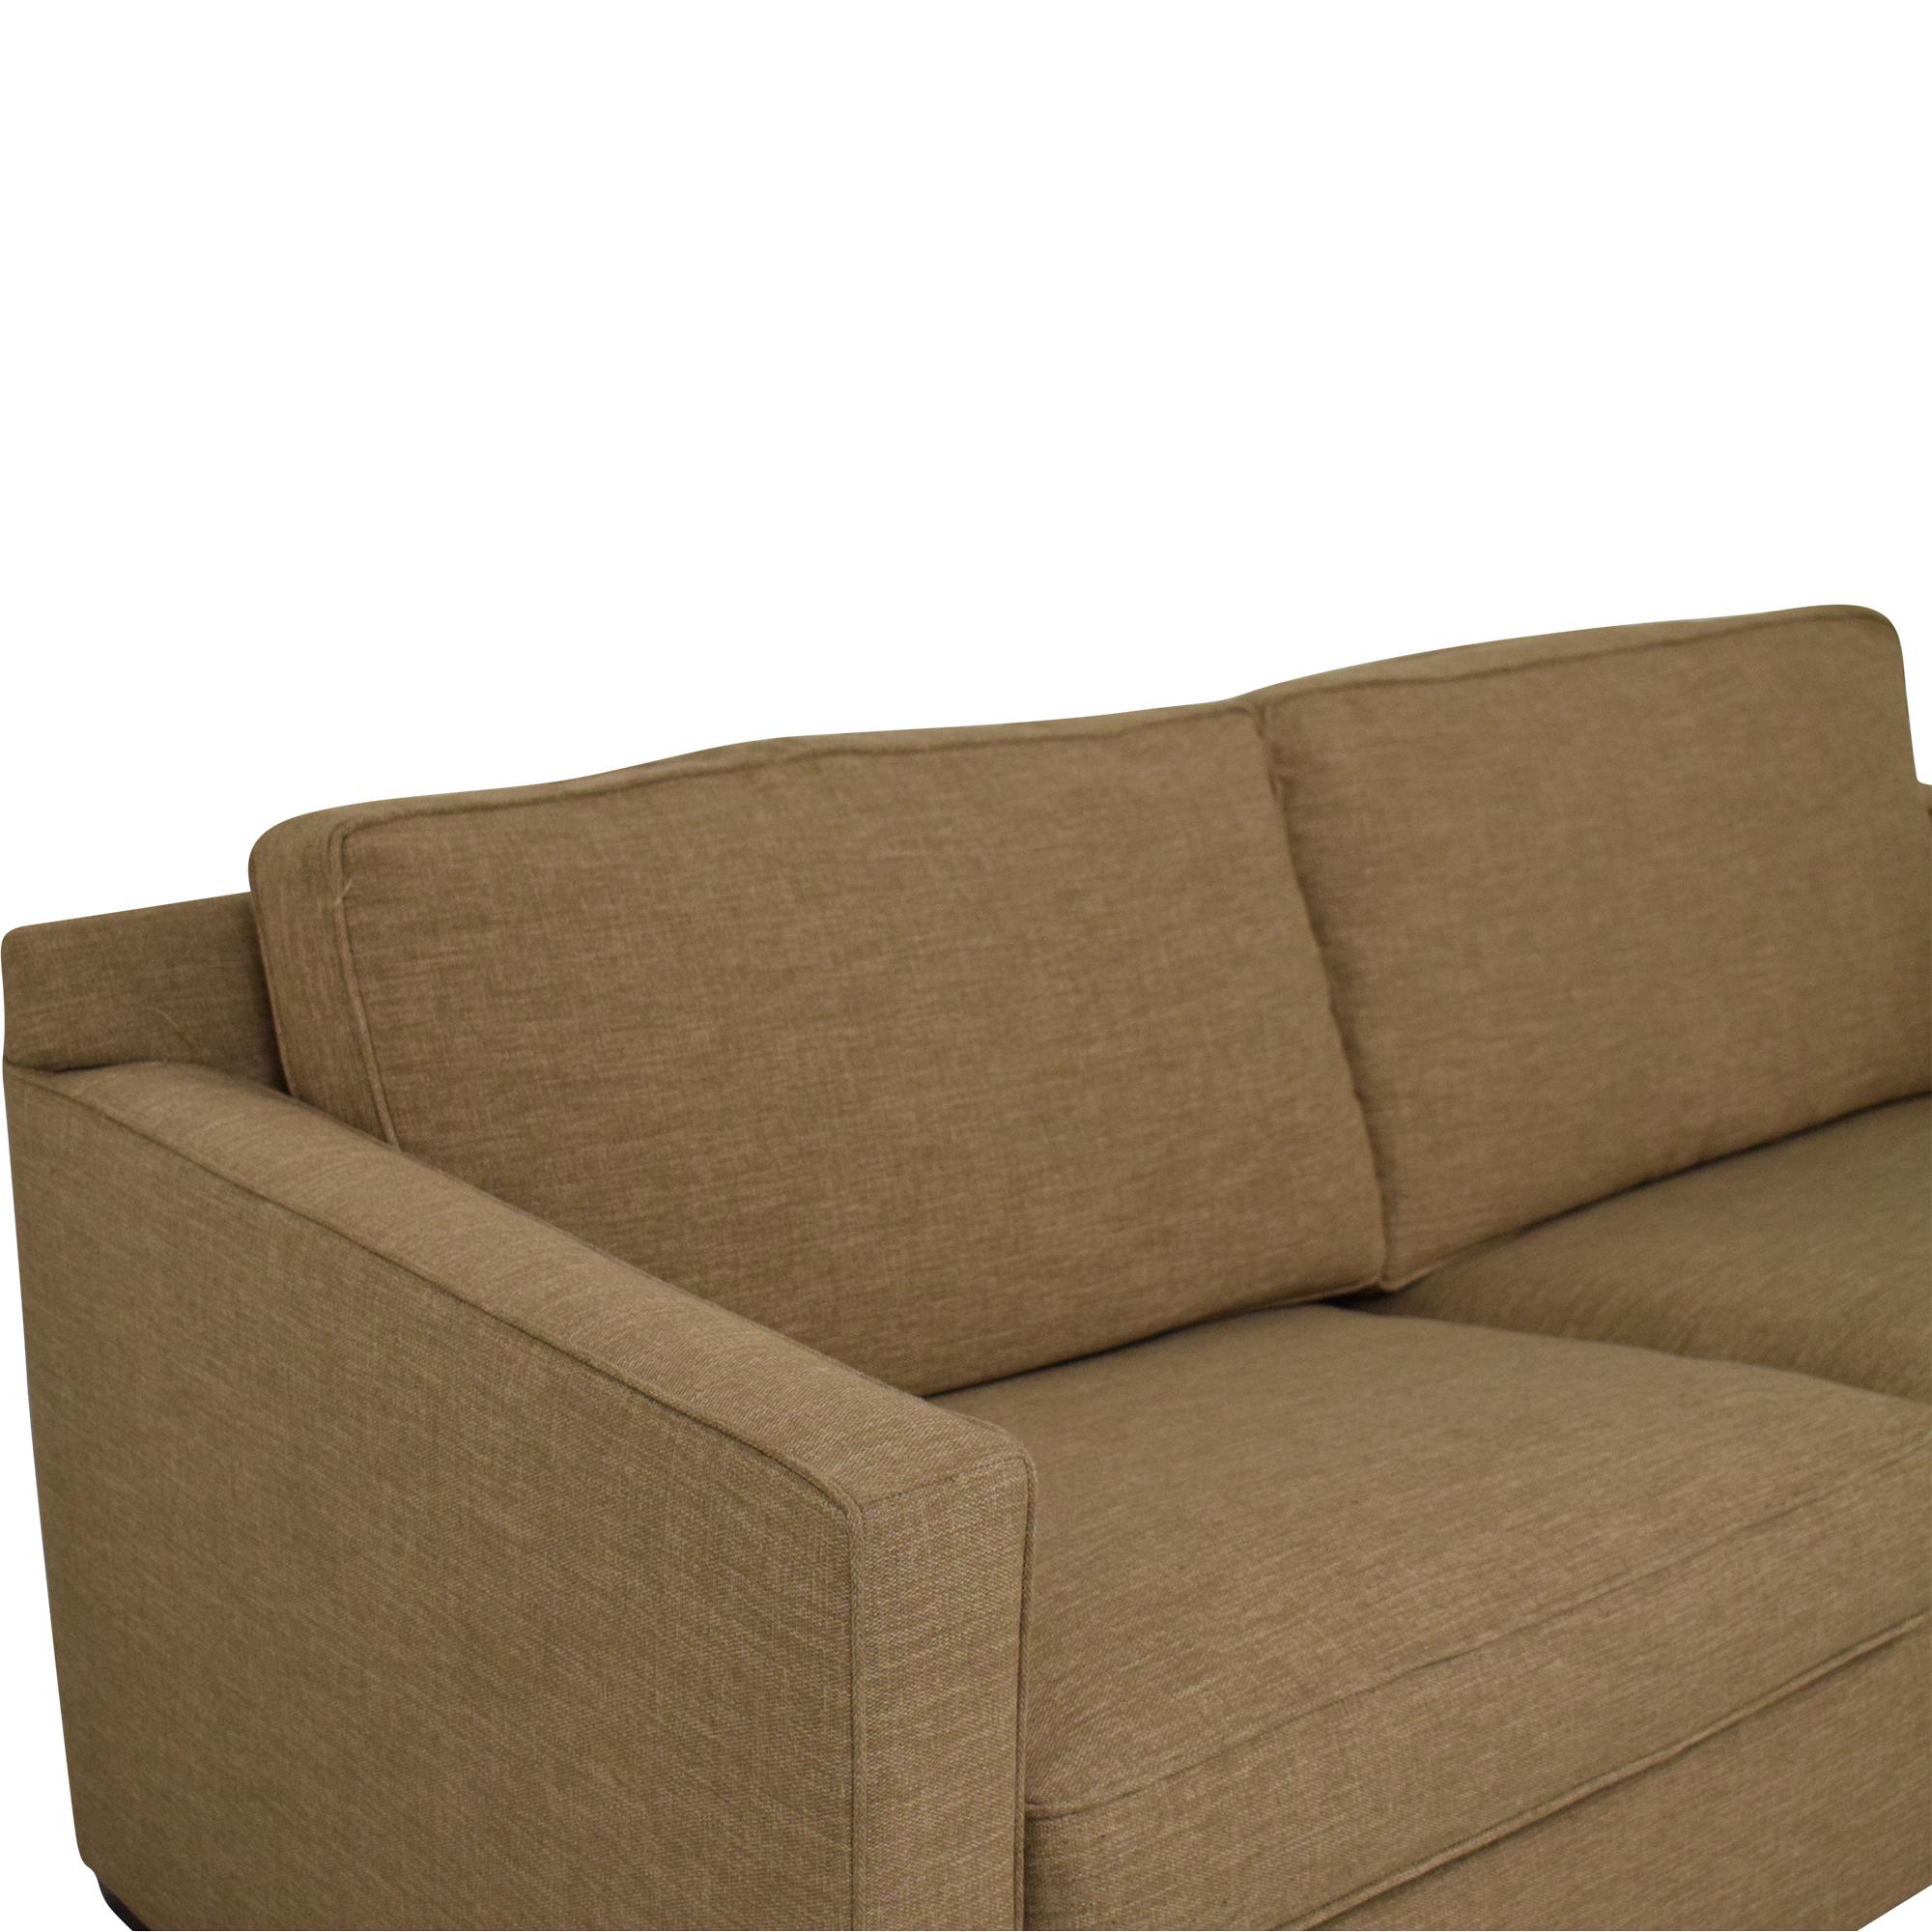 Crate & Barrel Crate & Barrel Axis II 2-Seat Queen Sleeper Sofa on sale